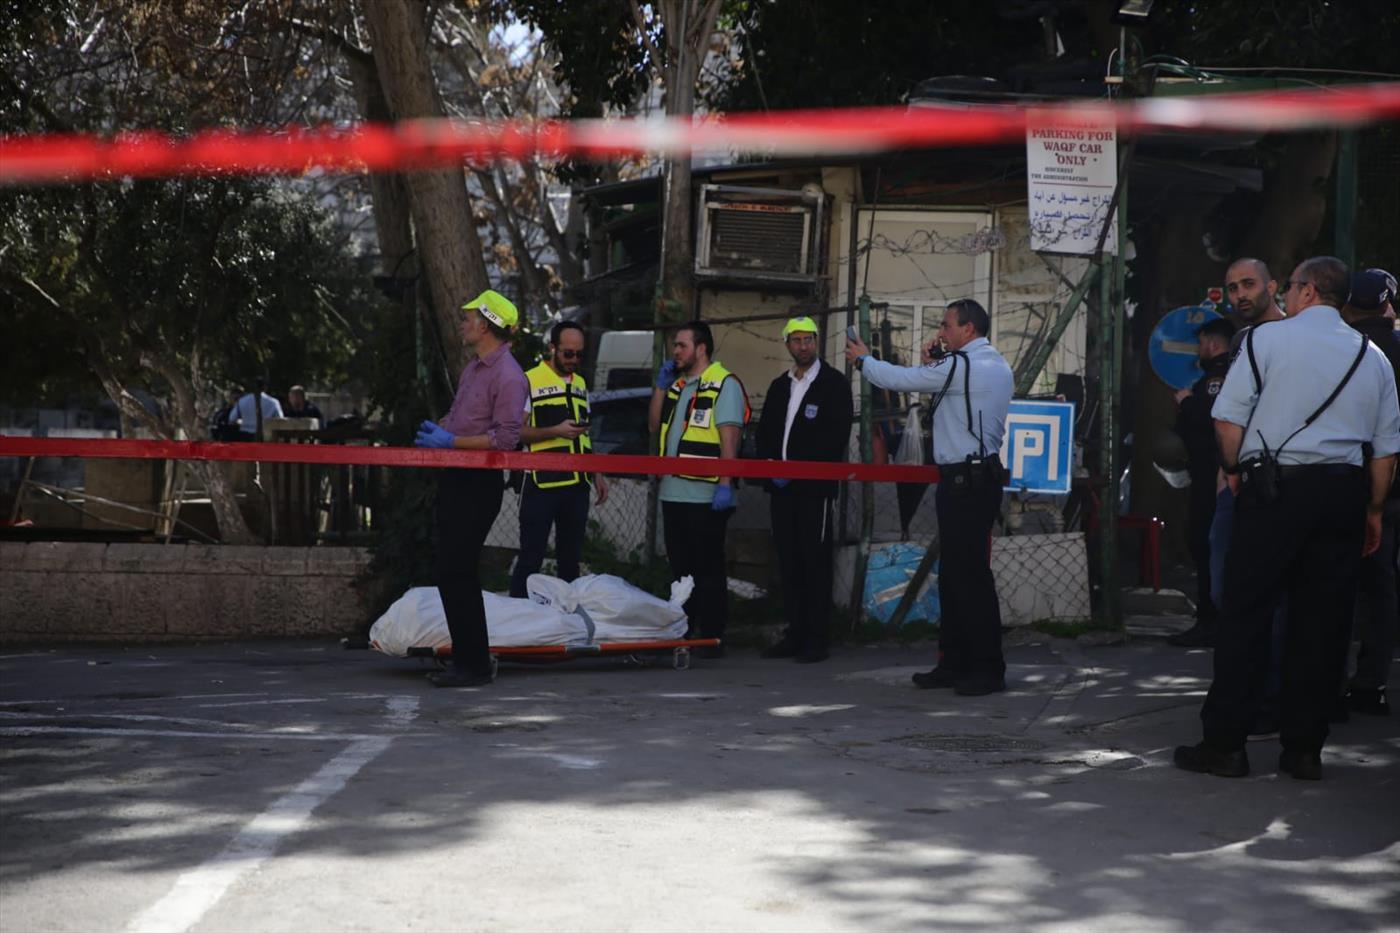 זירת פיגוע הירי בירושלים, היום (יהונתן ולצר, tps)